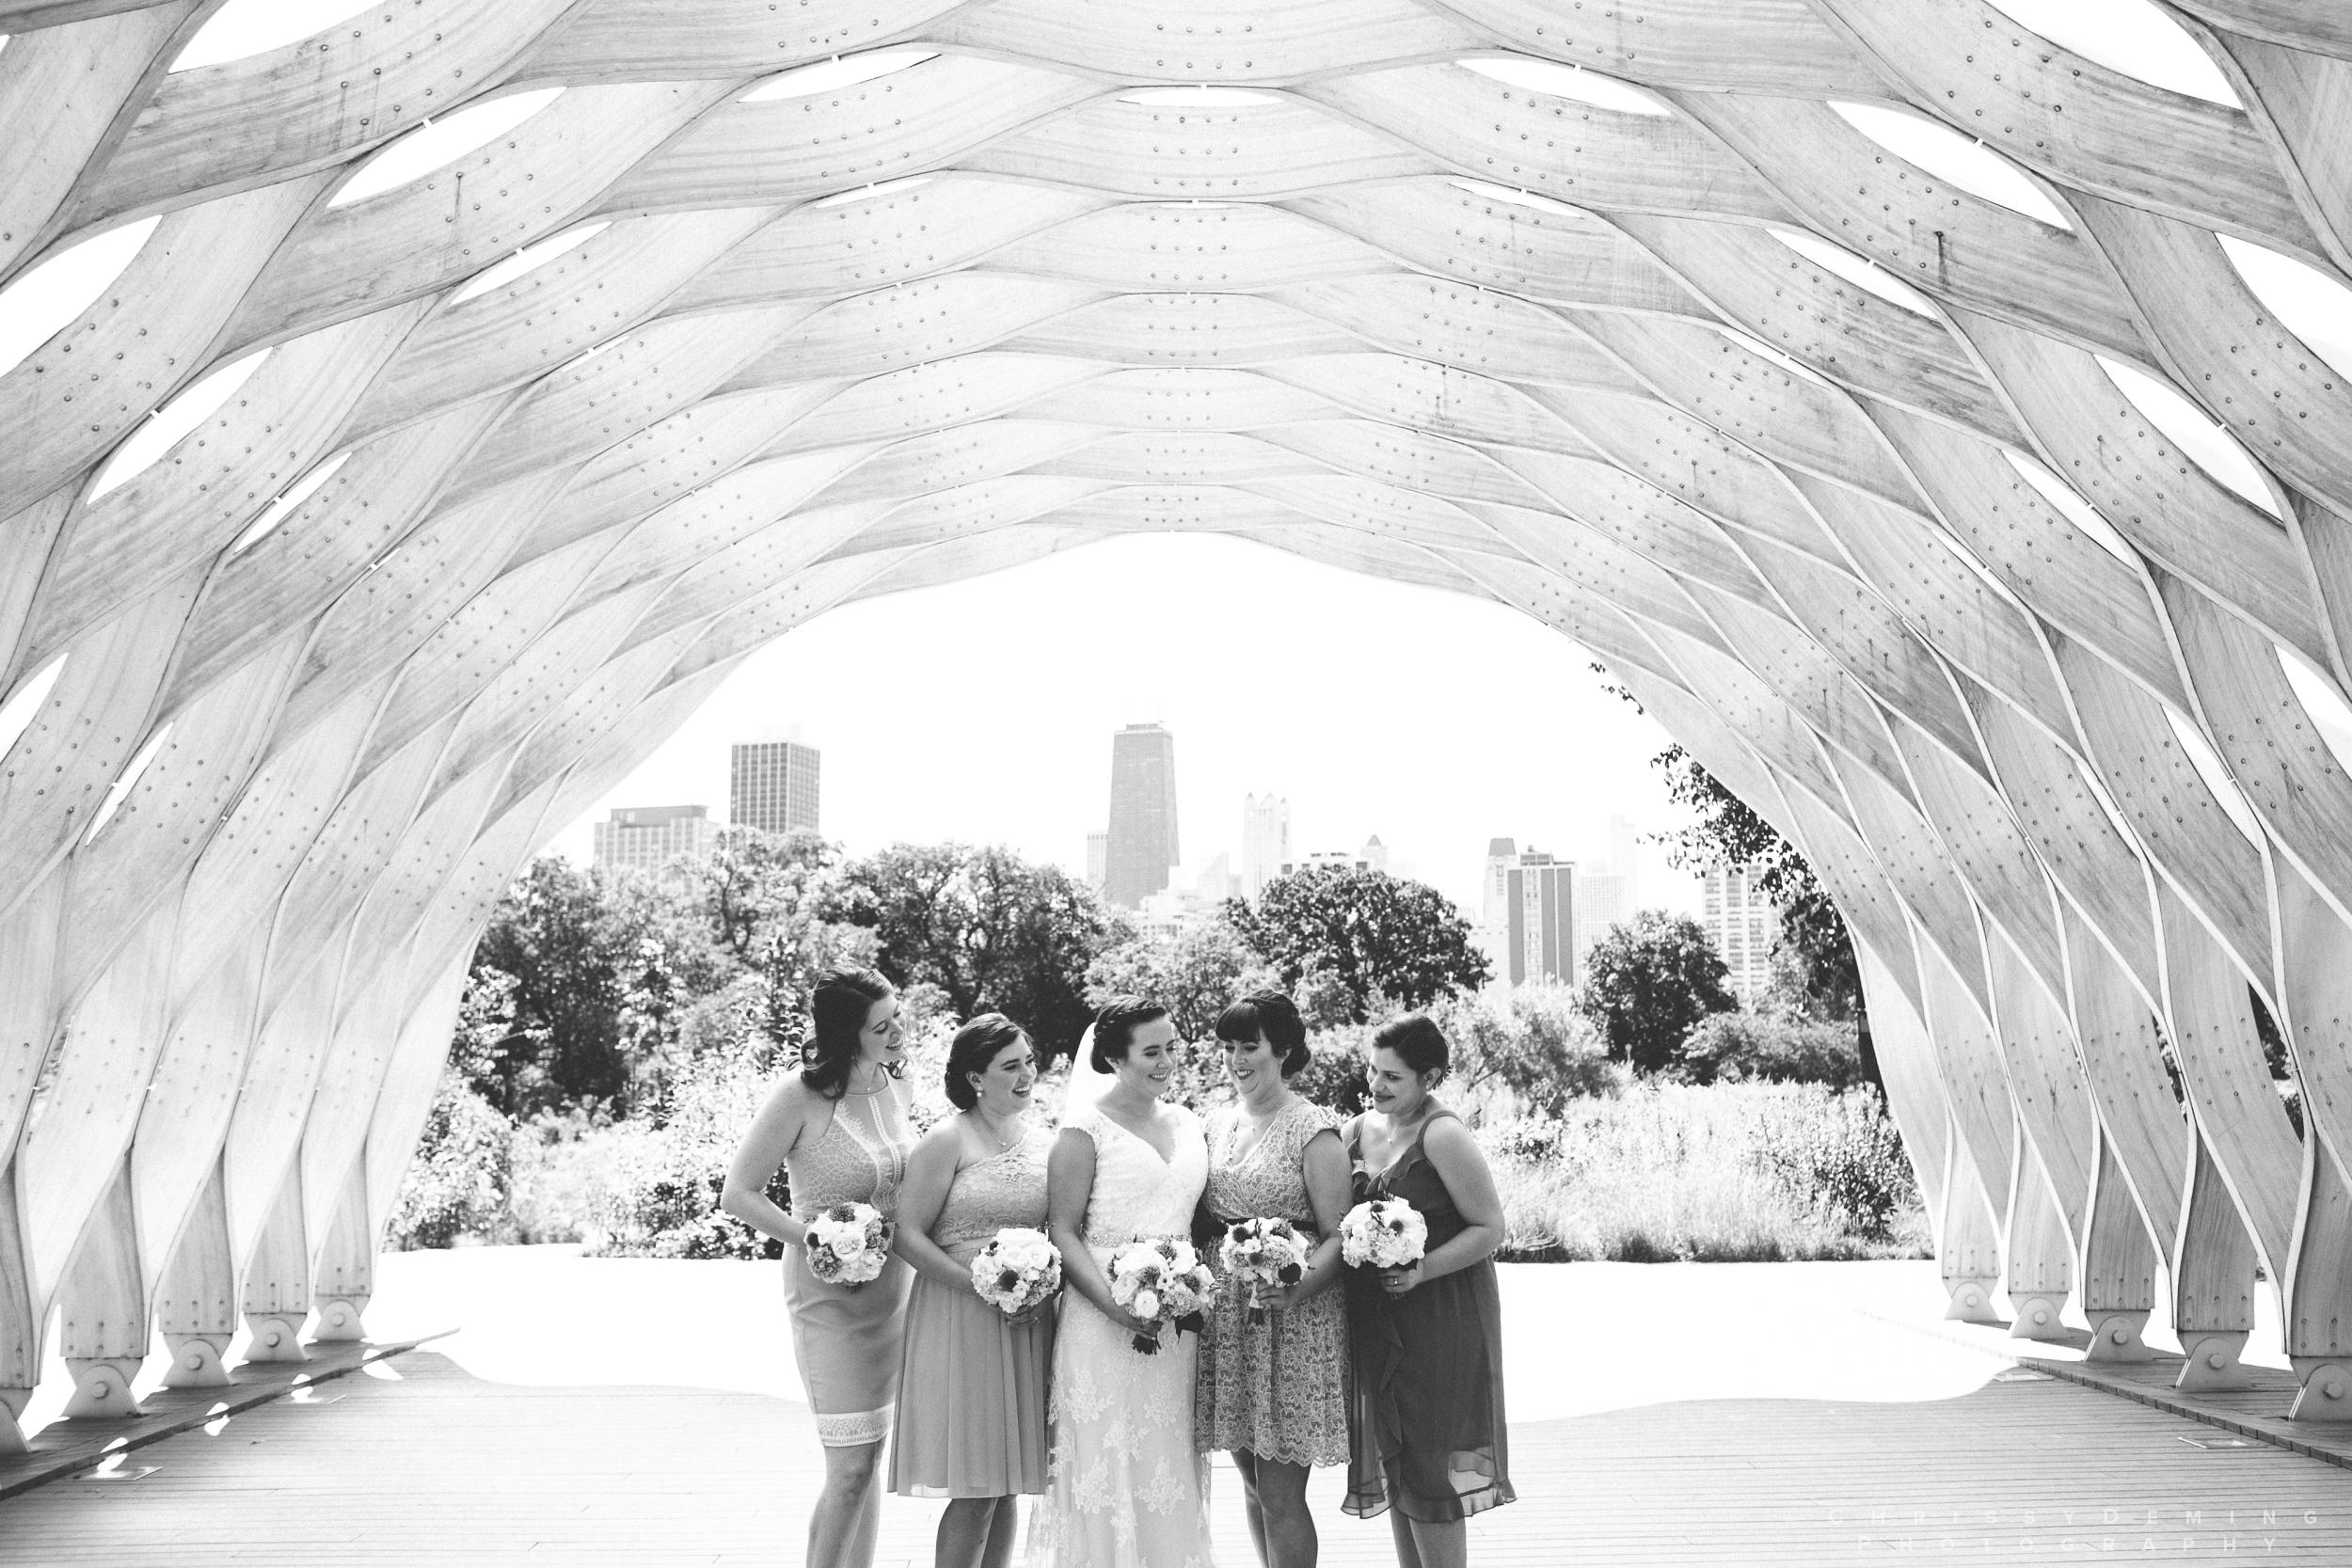 salvatores_chicago_ wedding_photographer_0030.jpg